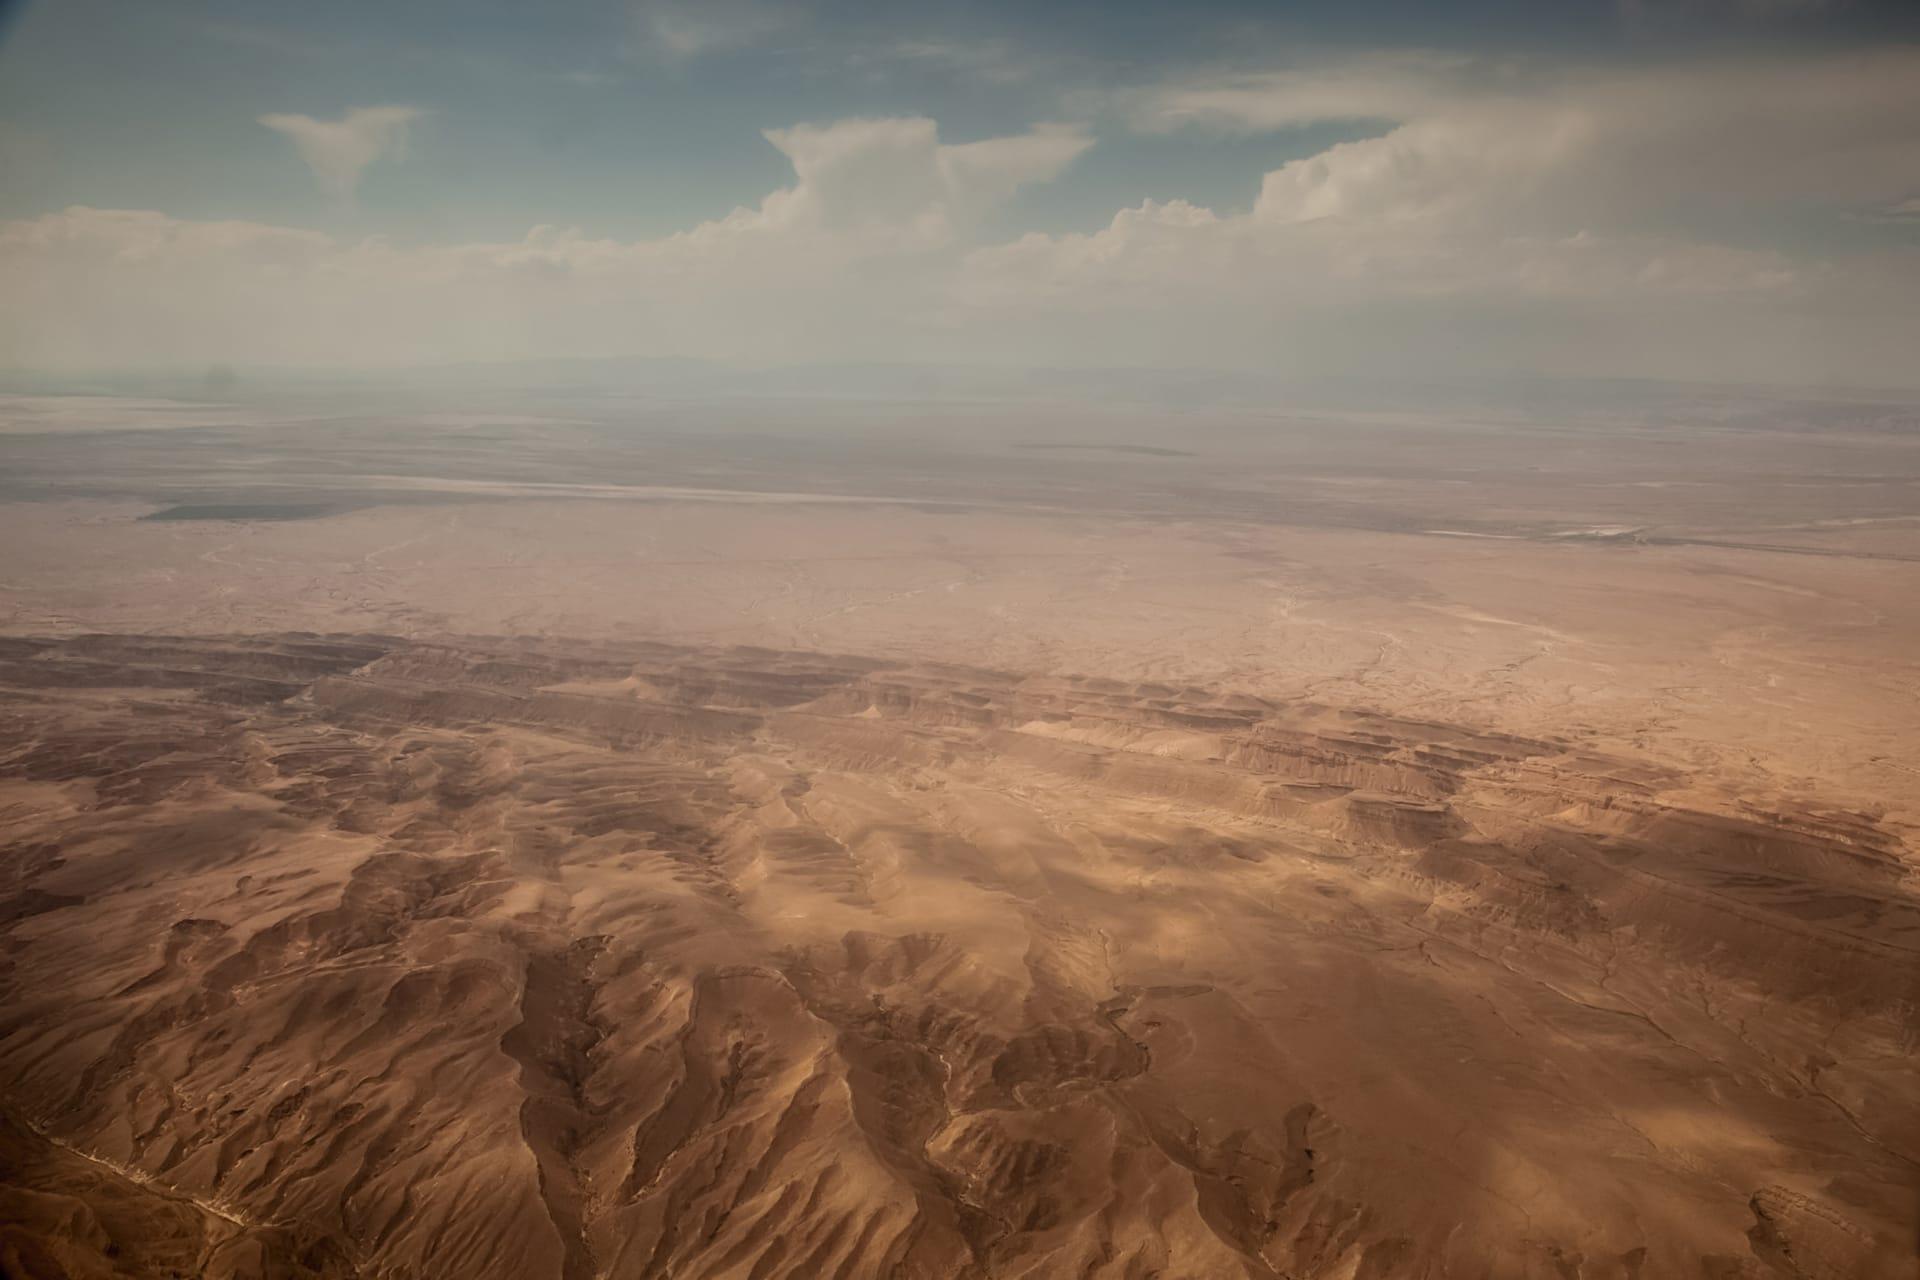 """مشاهد """"سحرية"""" من الصحاري.. كيف تبين أزمة تهدد الشرق الأوسط وشمال أفريقيا؟"""